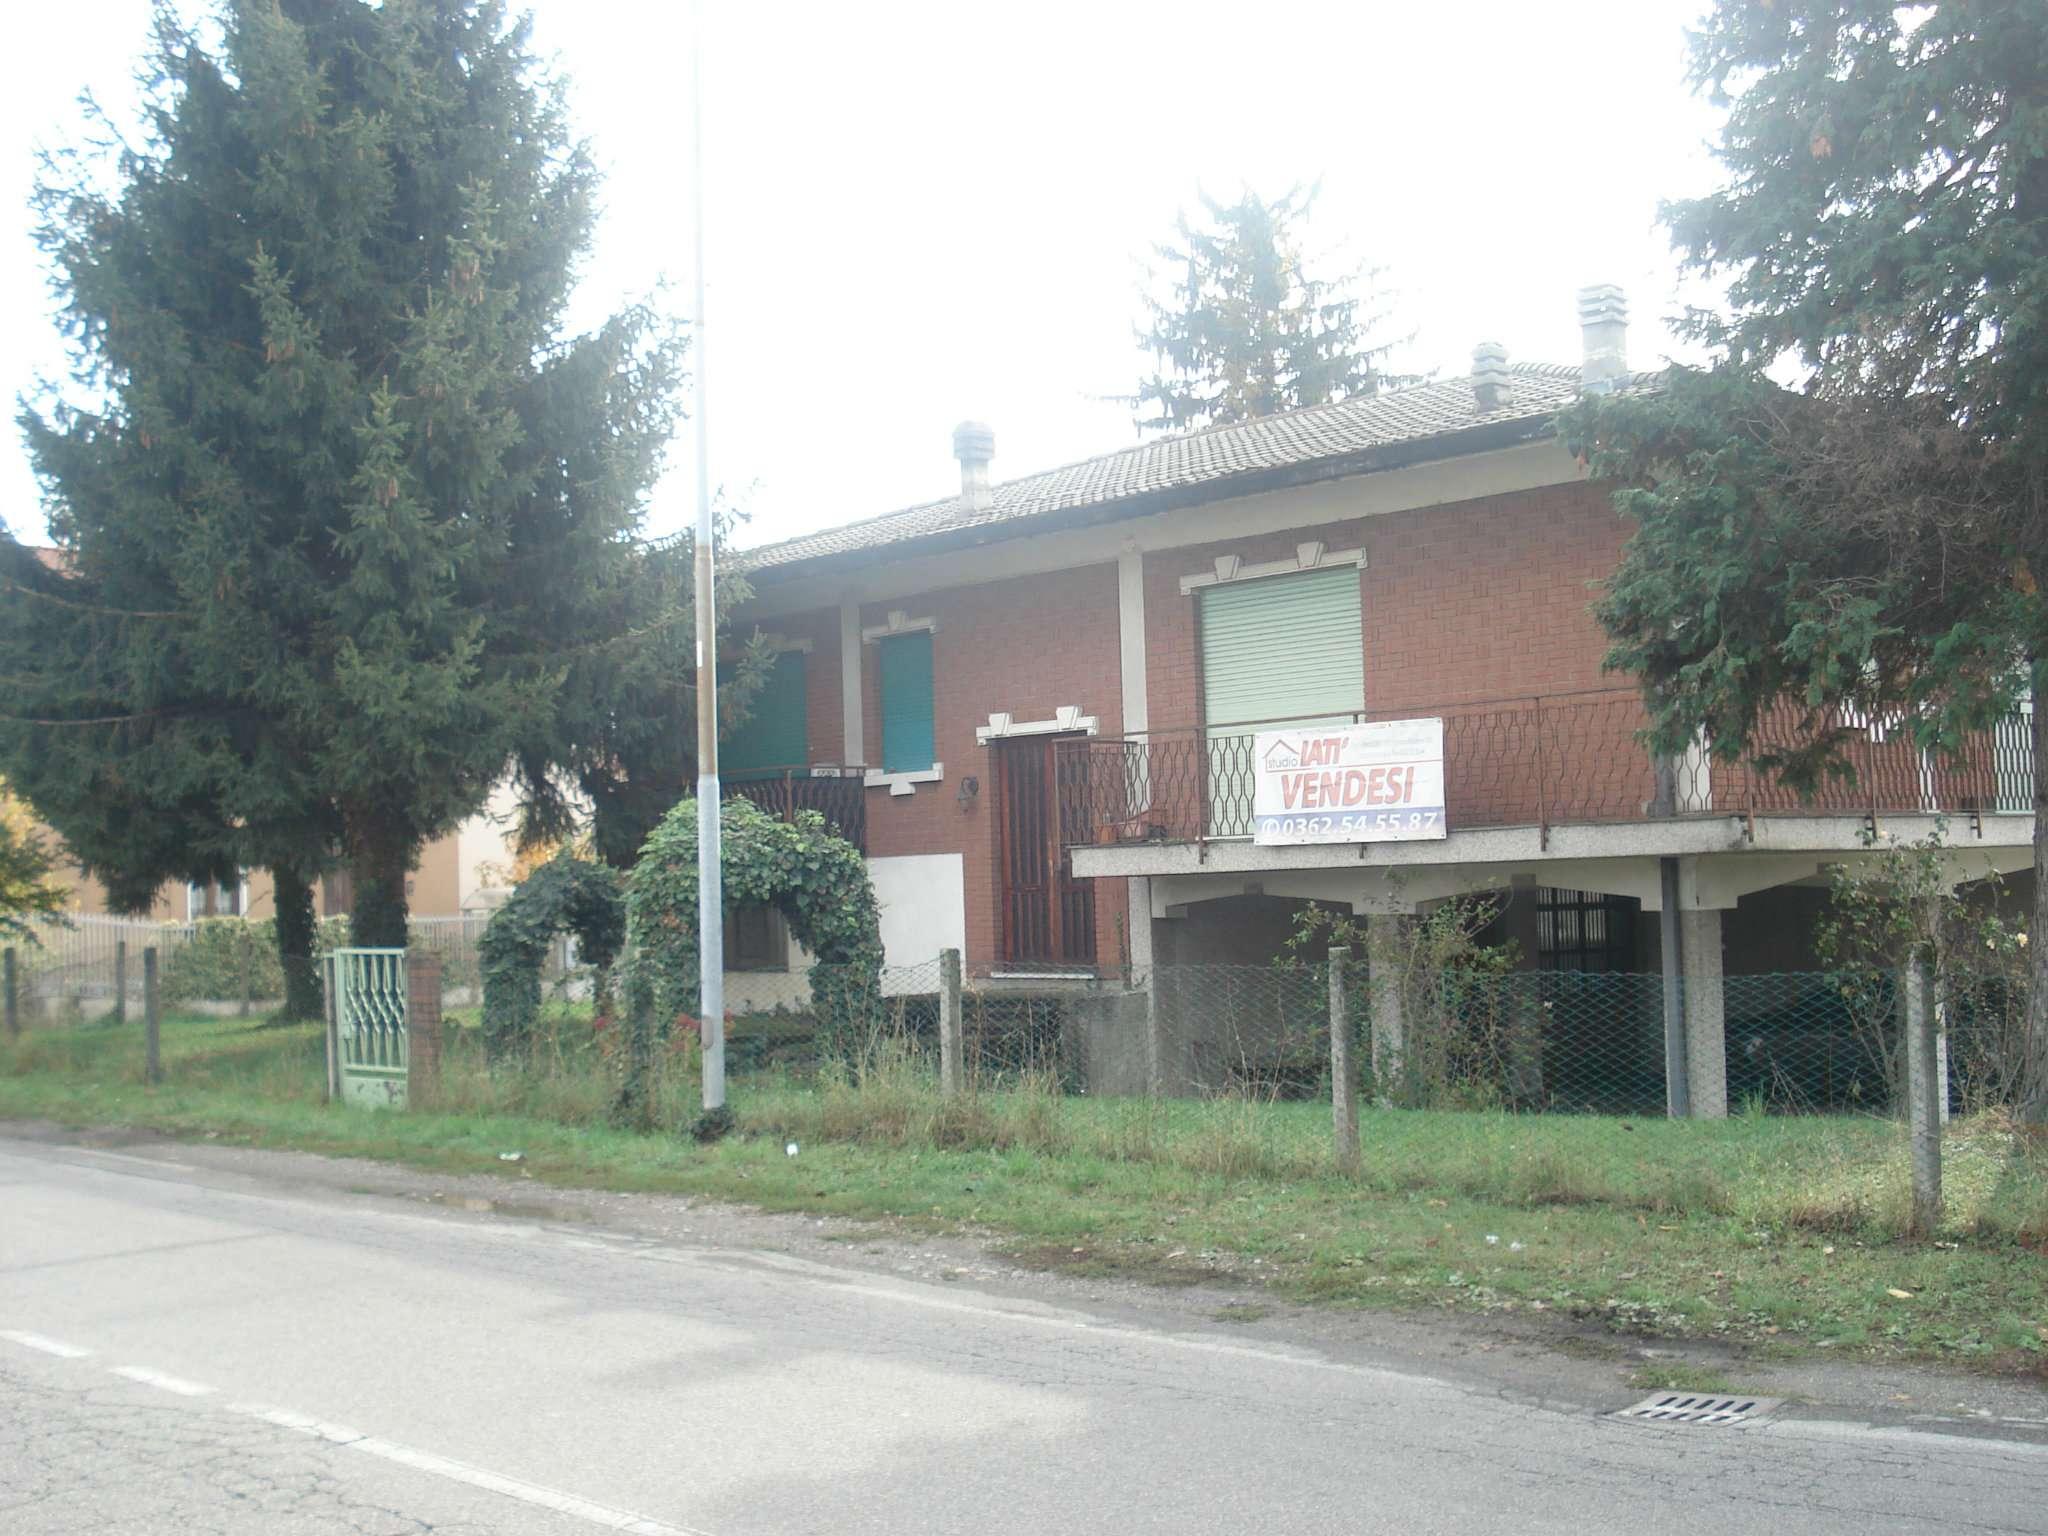 Soluzione Indipendente in vendita a Seveso, 5 locali, prezzo € 380.000 | CambioCasa.it